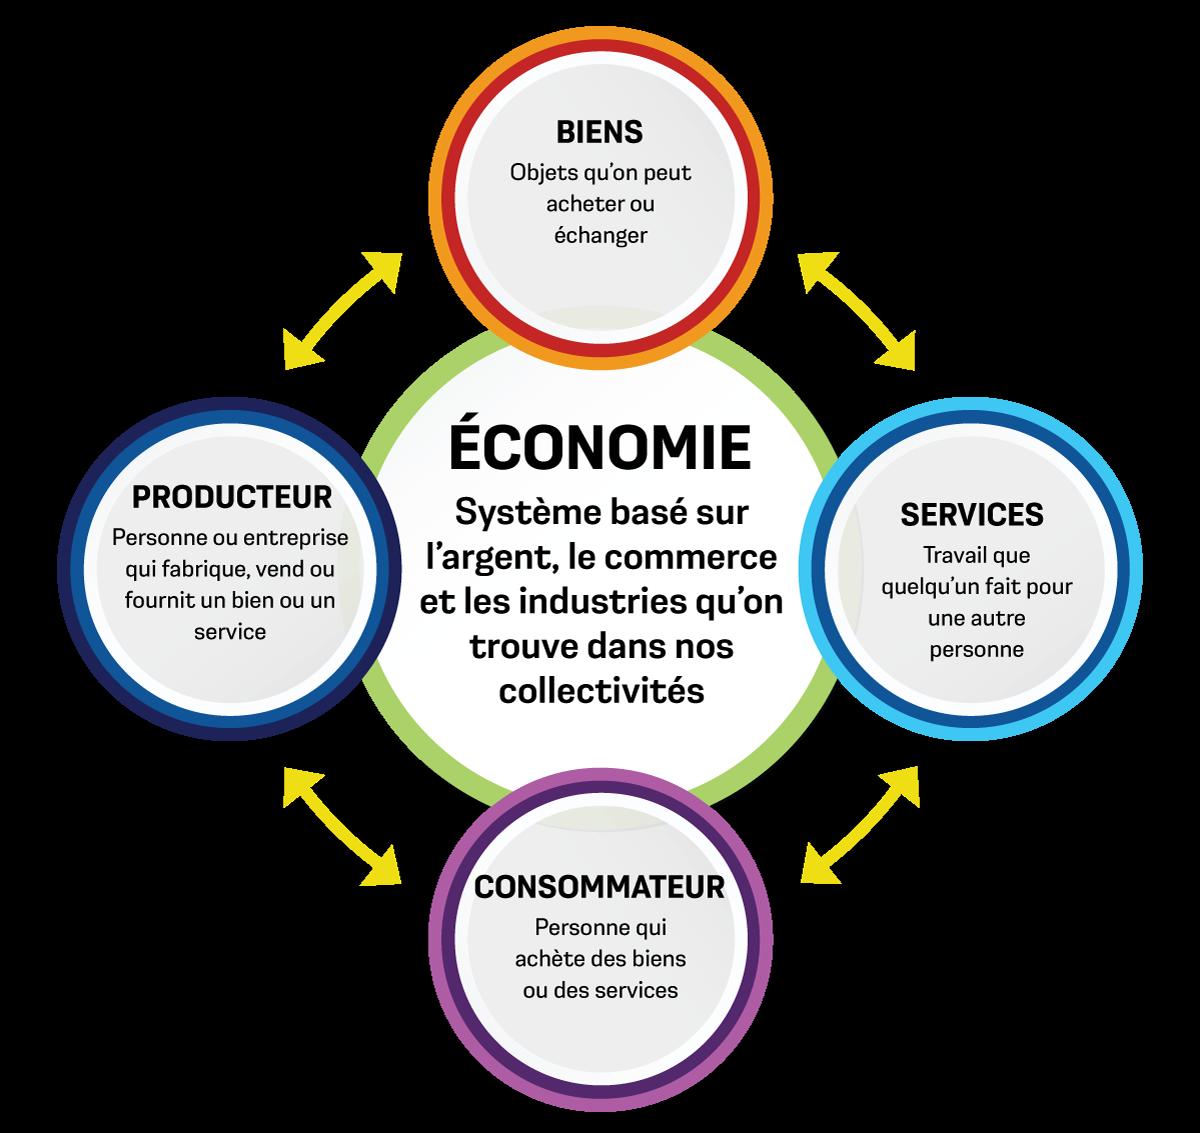 Graphique montrant les mots biens, services, consommateur, producteur et économie, tous reliés par des flèches